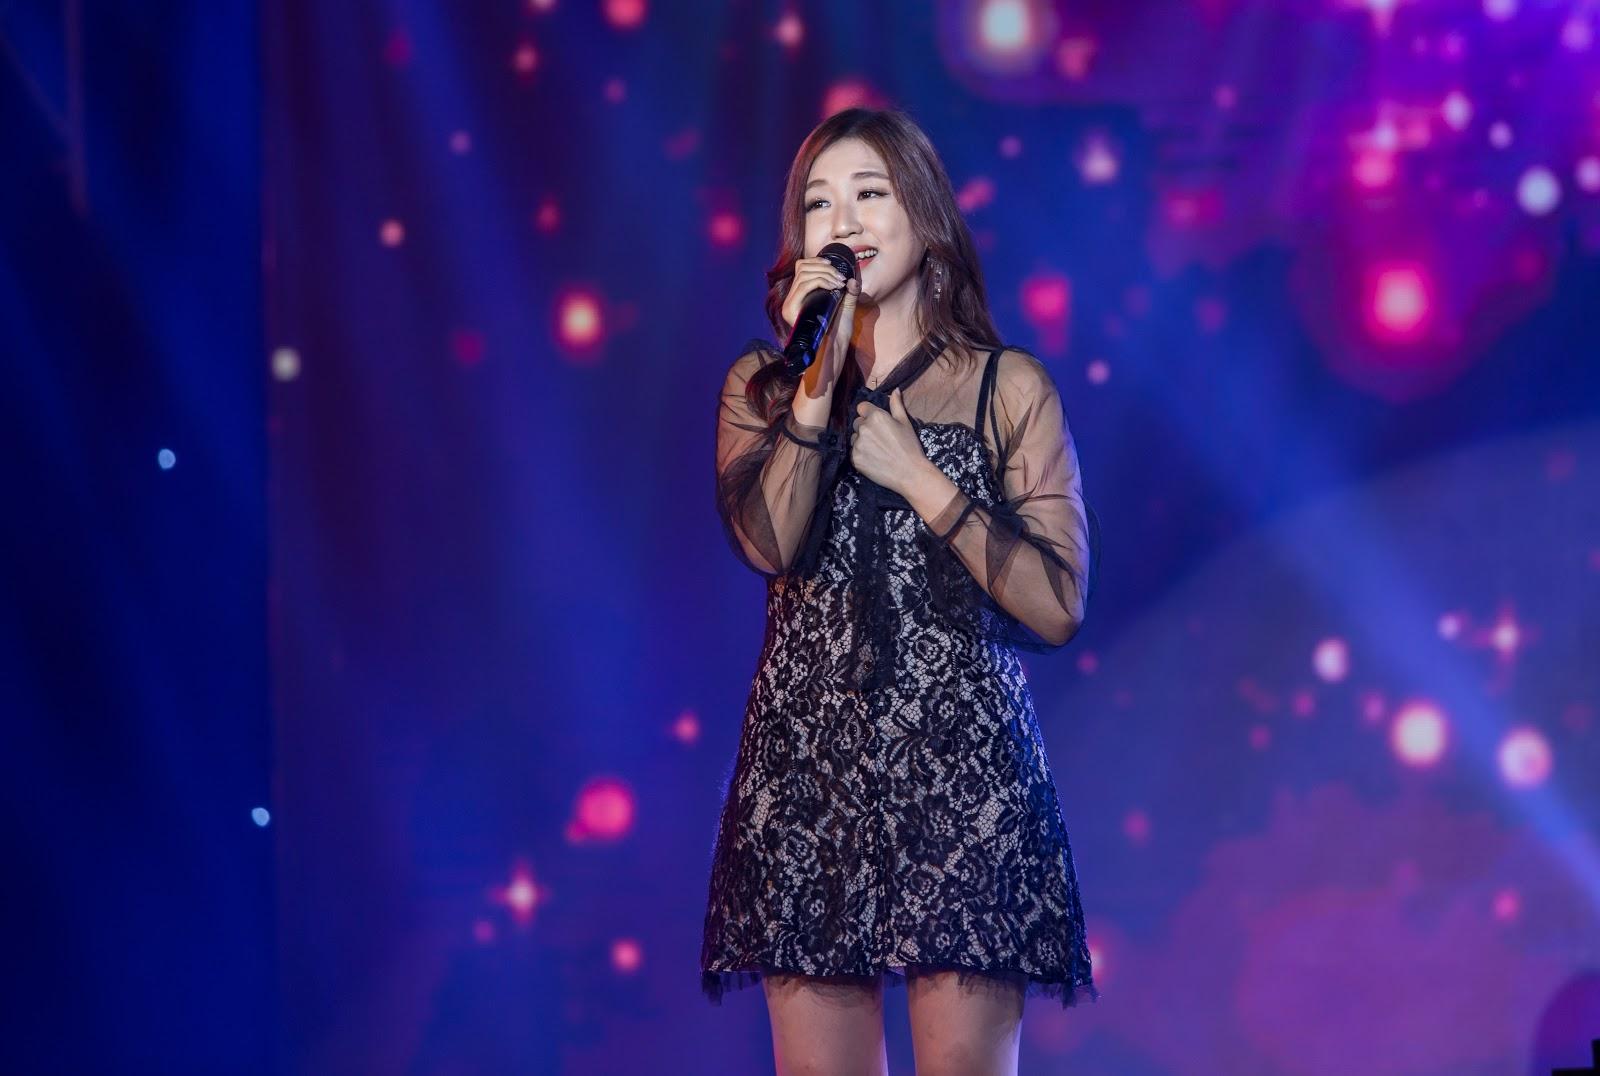 Sĩ Thanh, Tino, Hoàng Yến Chibi, JinJu mang những bản hit góp mặt trong liveshow đầu tiên của Zero9 - Hình 6